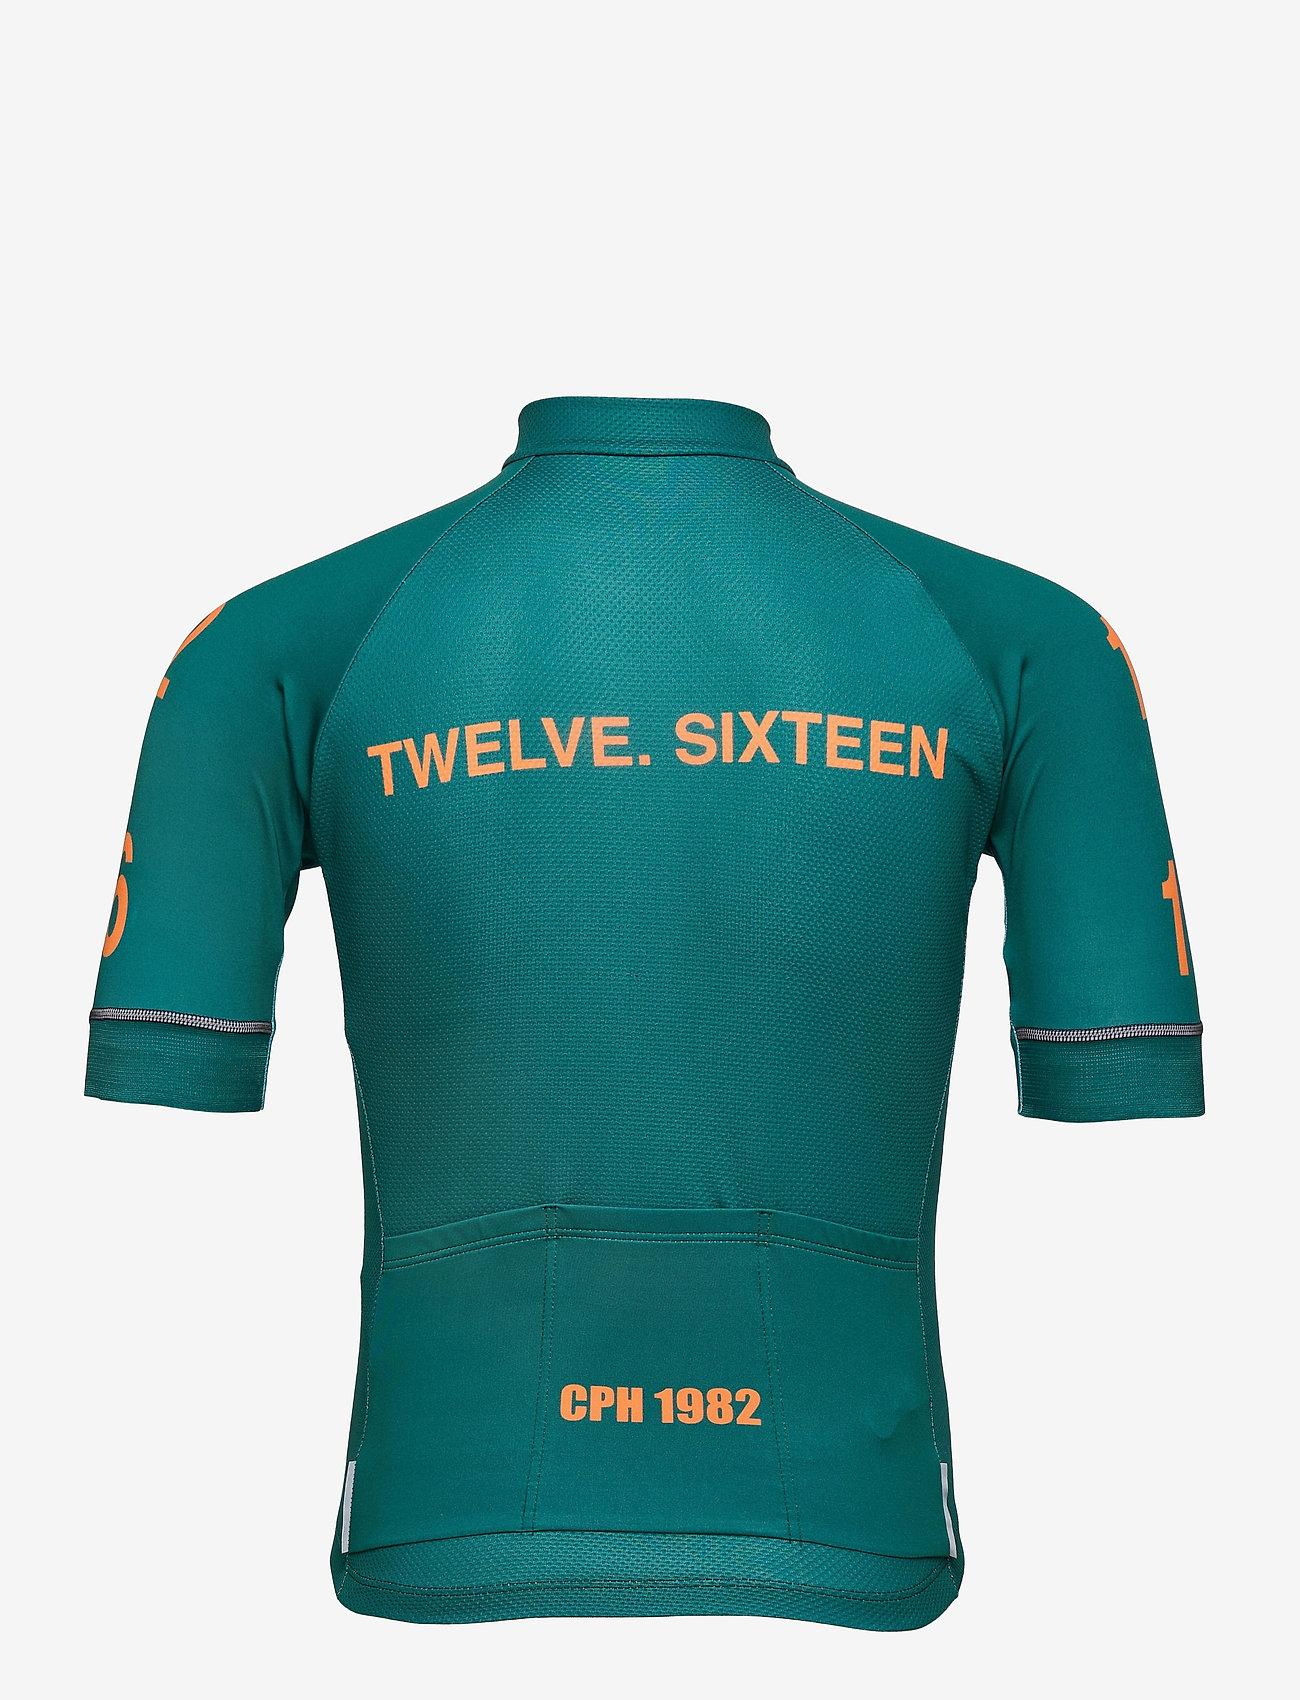 Twelve Sixteen - Jersey S/S Elite 09 Spinn Men - t-shirts - green - 1